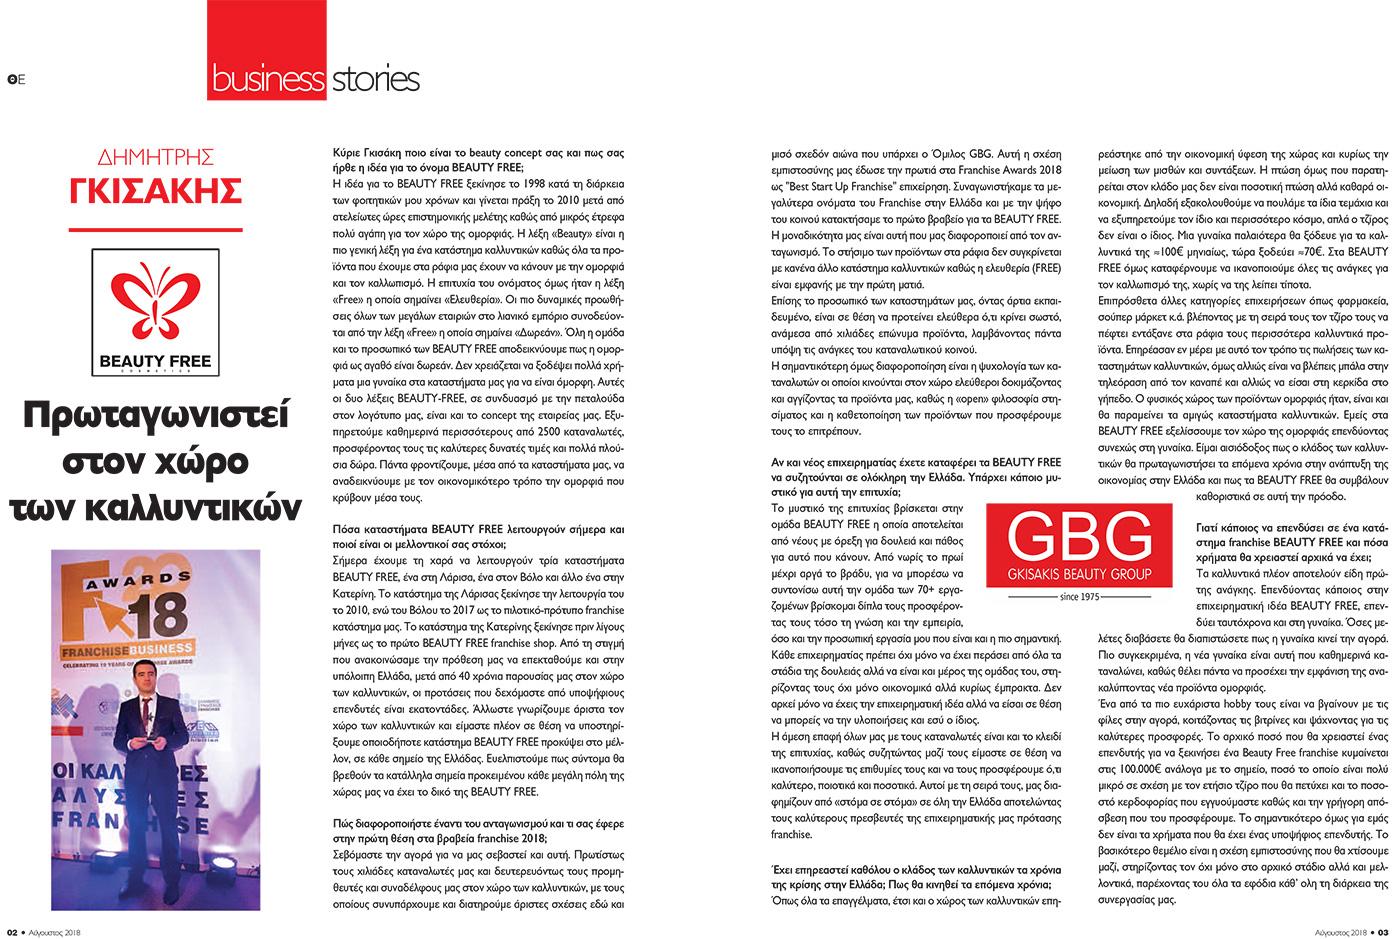 Δημήτρης Γκισάκης: Πρωταγωνιστεί στον χώρο των καλλυντικών